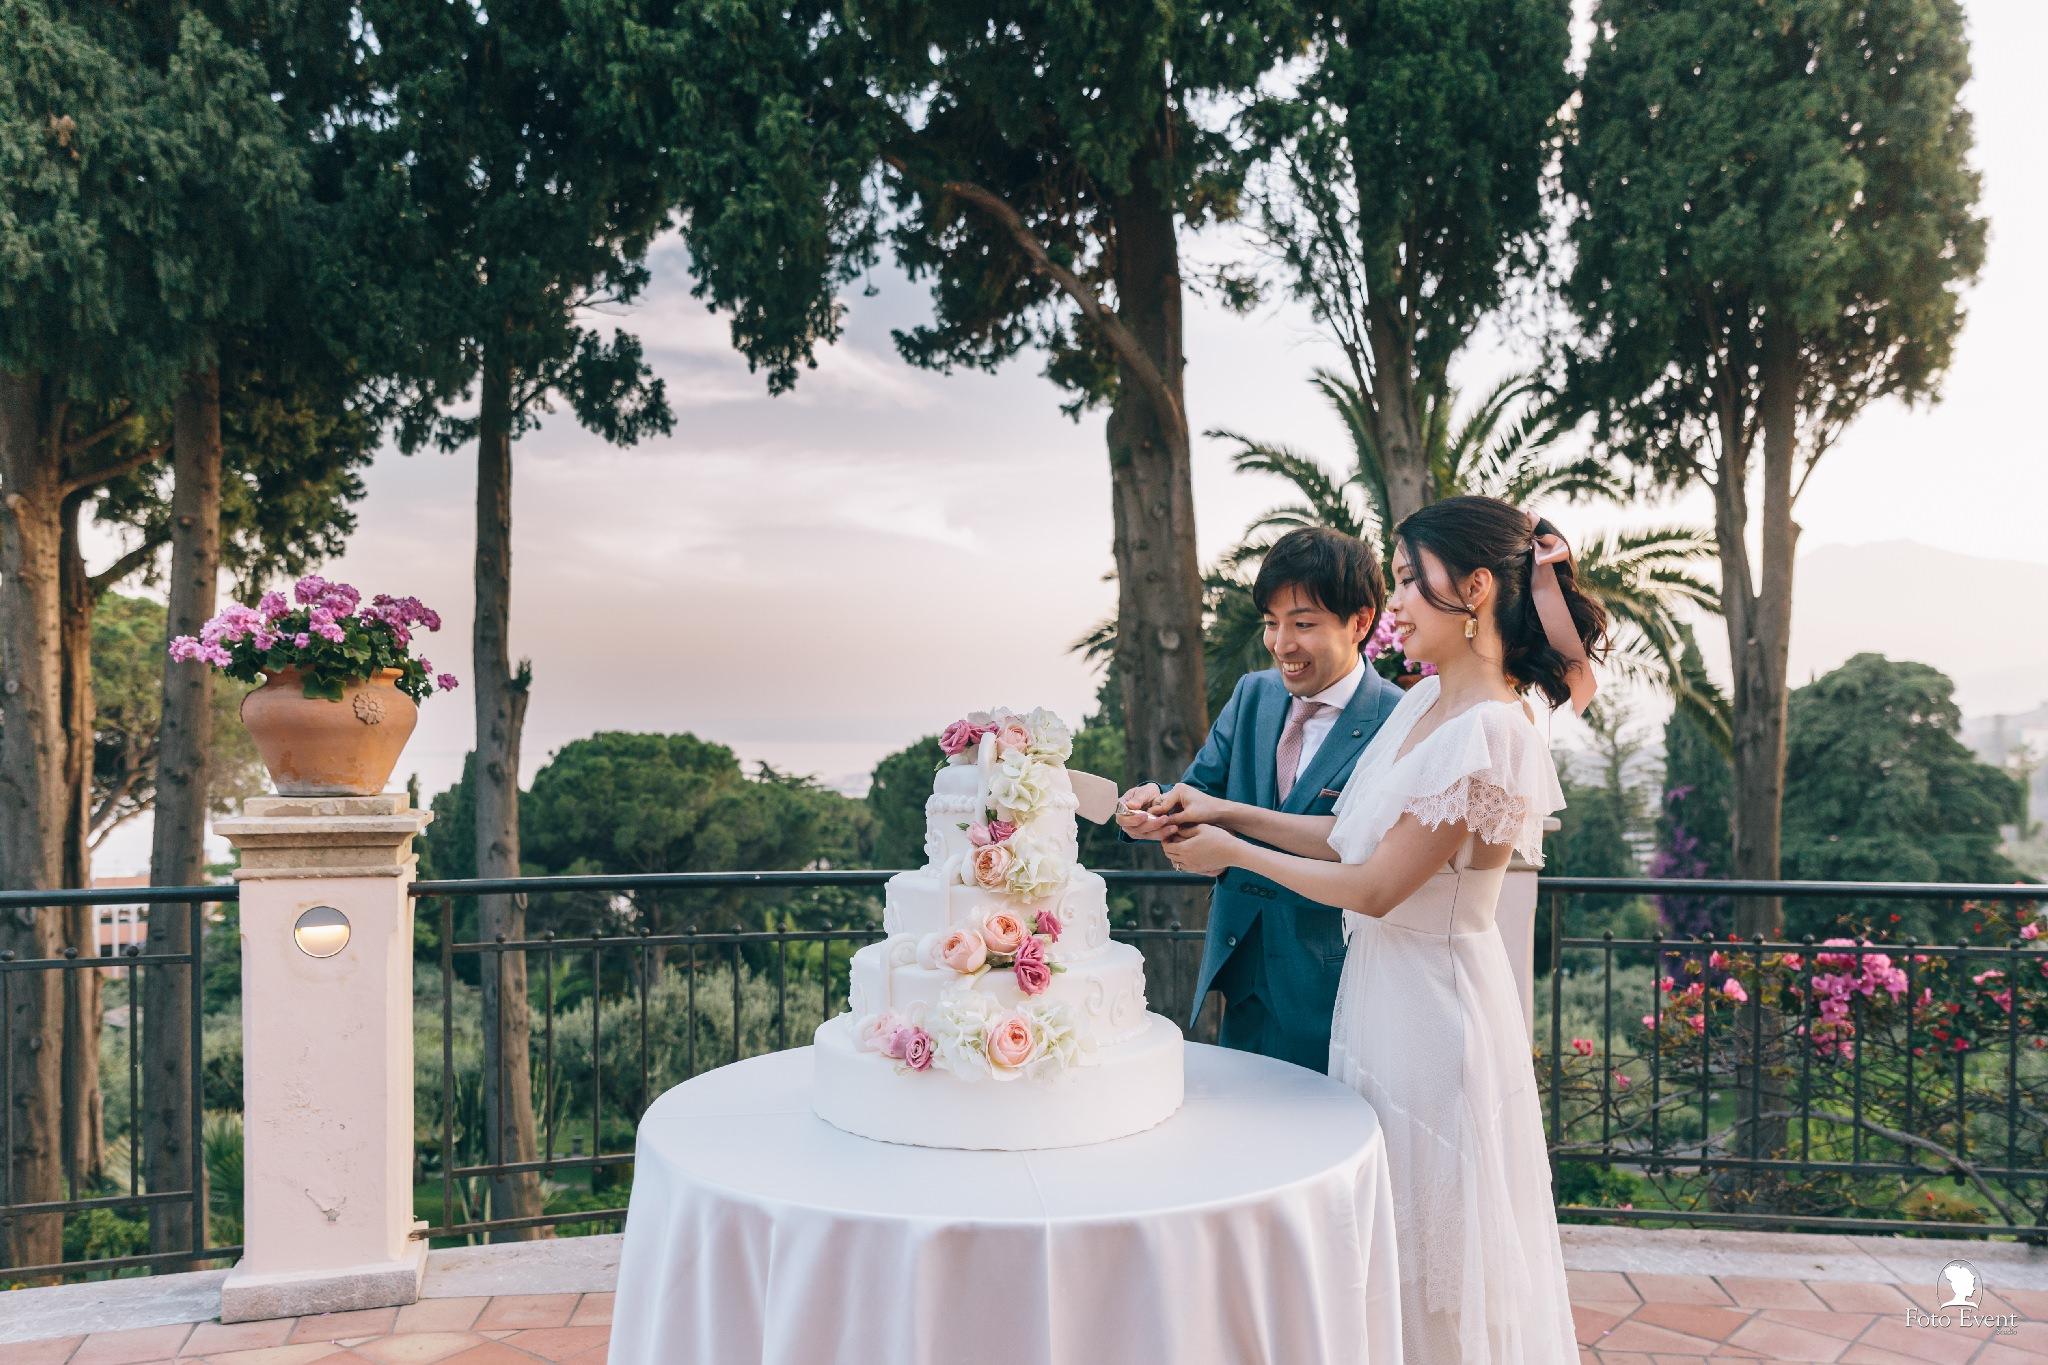 458-2019-06-14-Wedding-Yume-e-Makoto-Isee-5DE-1045